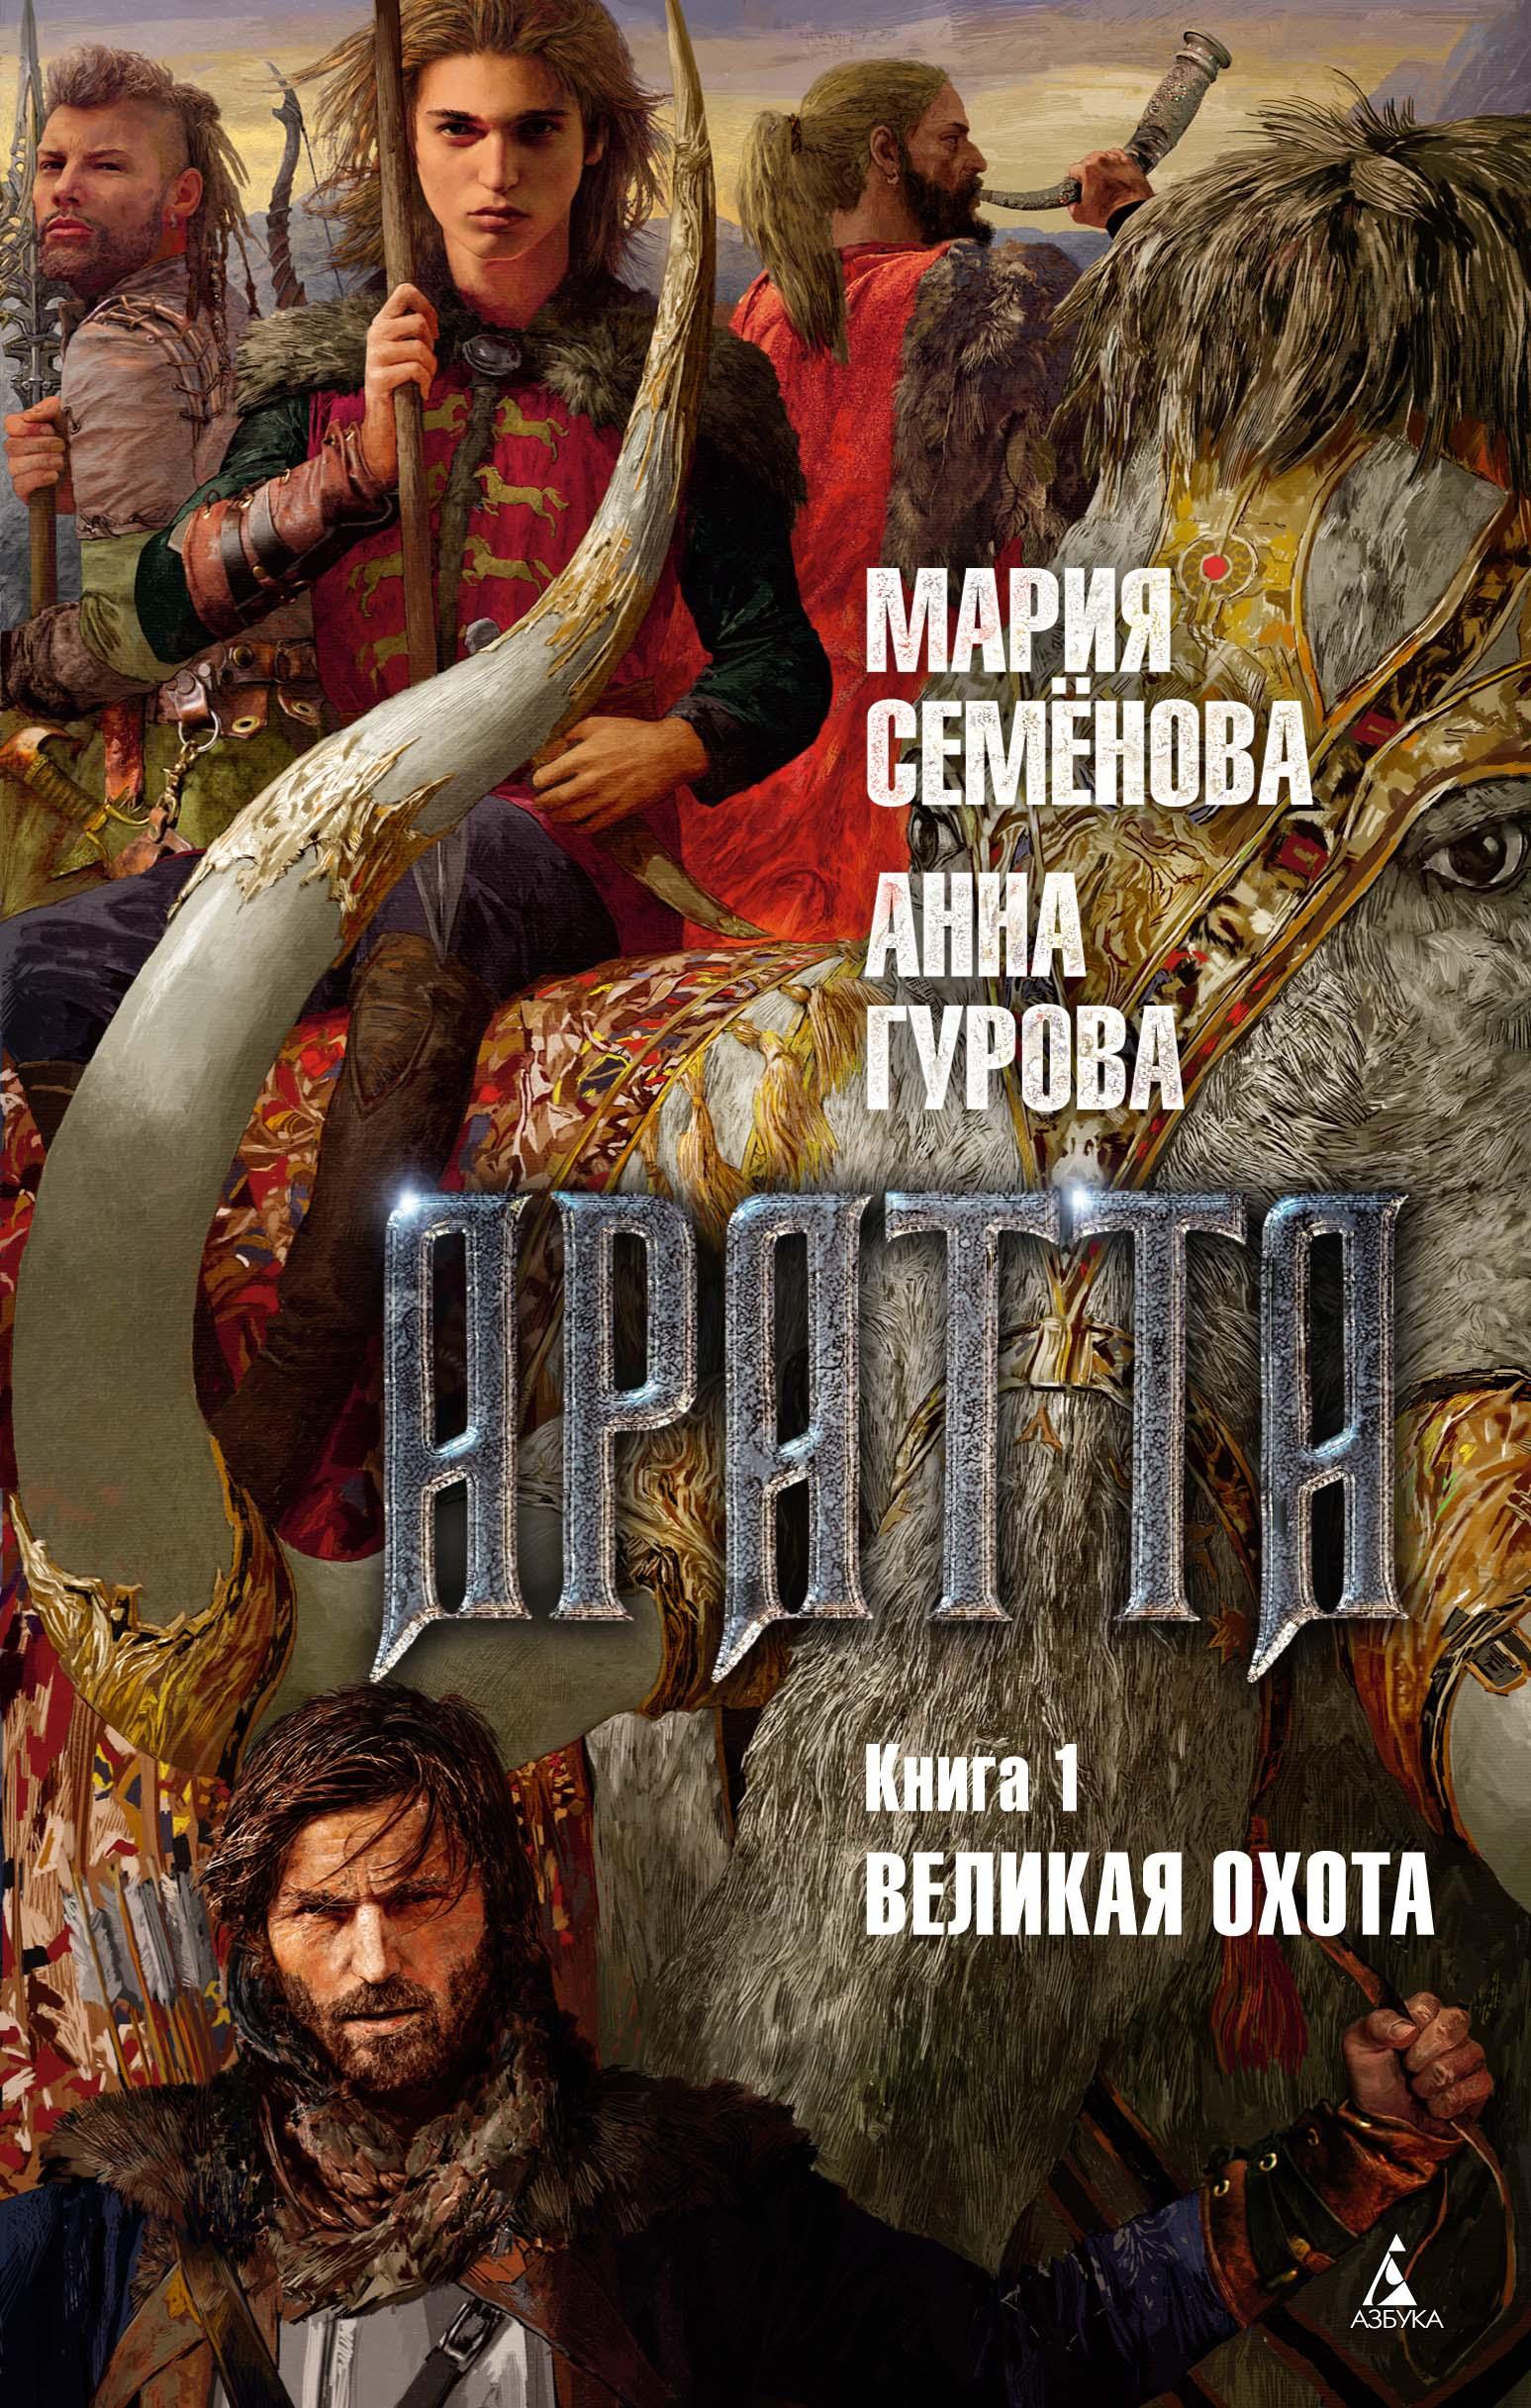 Мария Семёнова, Анна Гурова «Аратта. Книга 1. Великая охота»